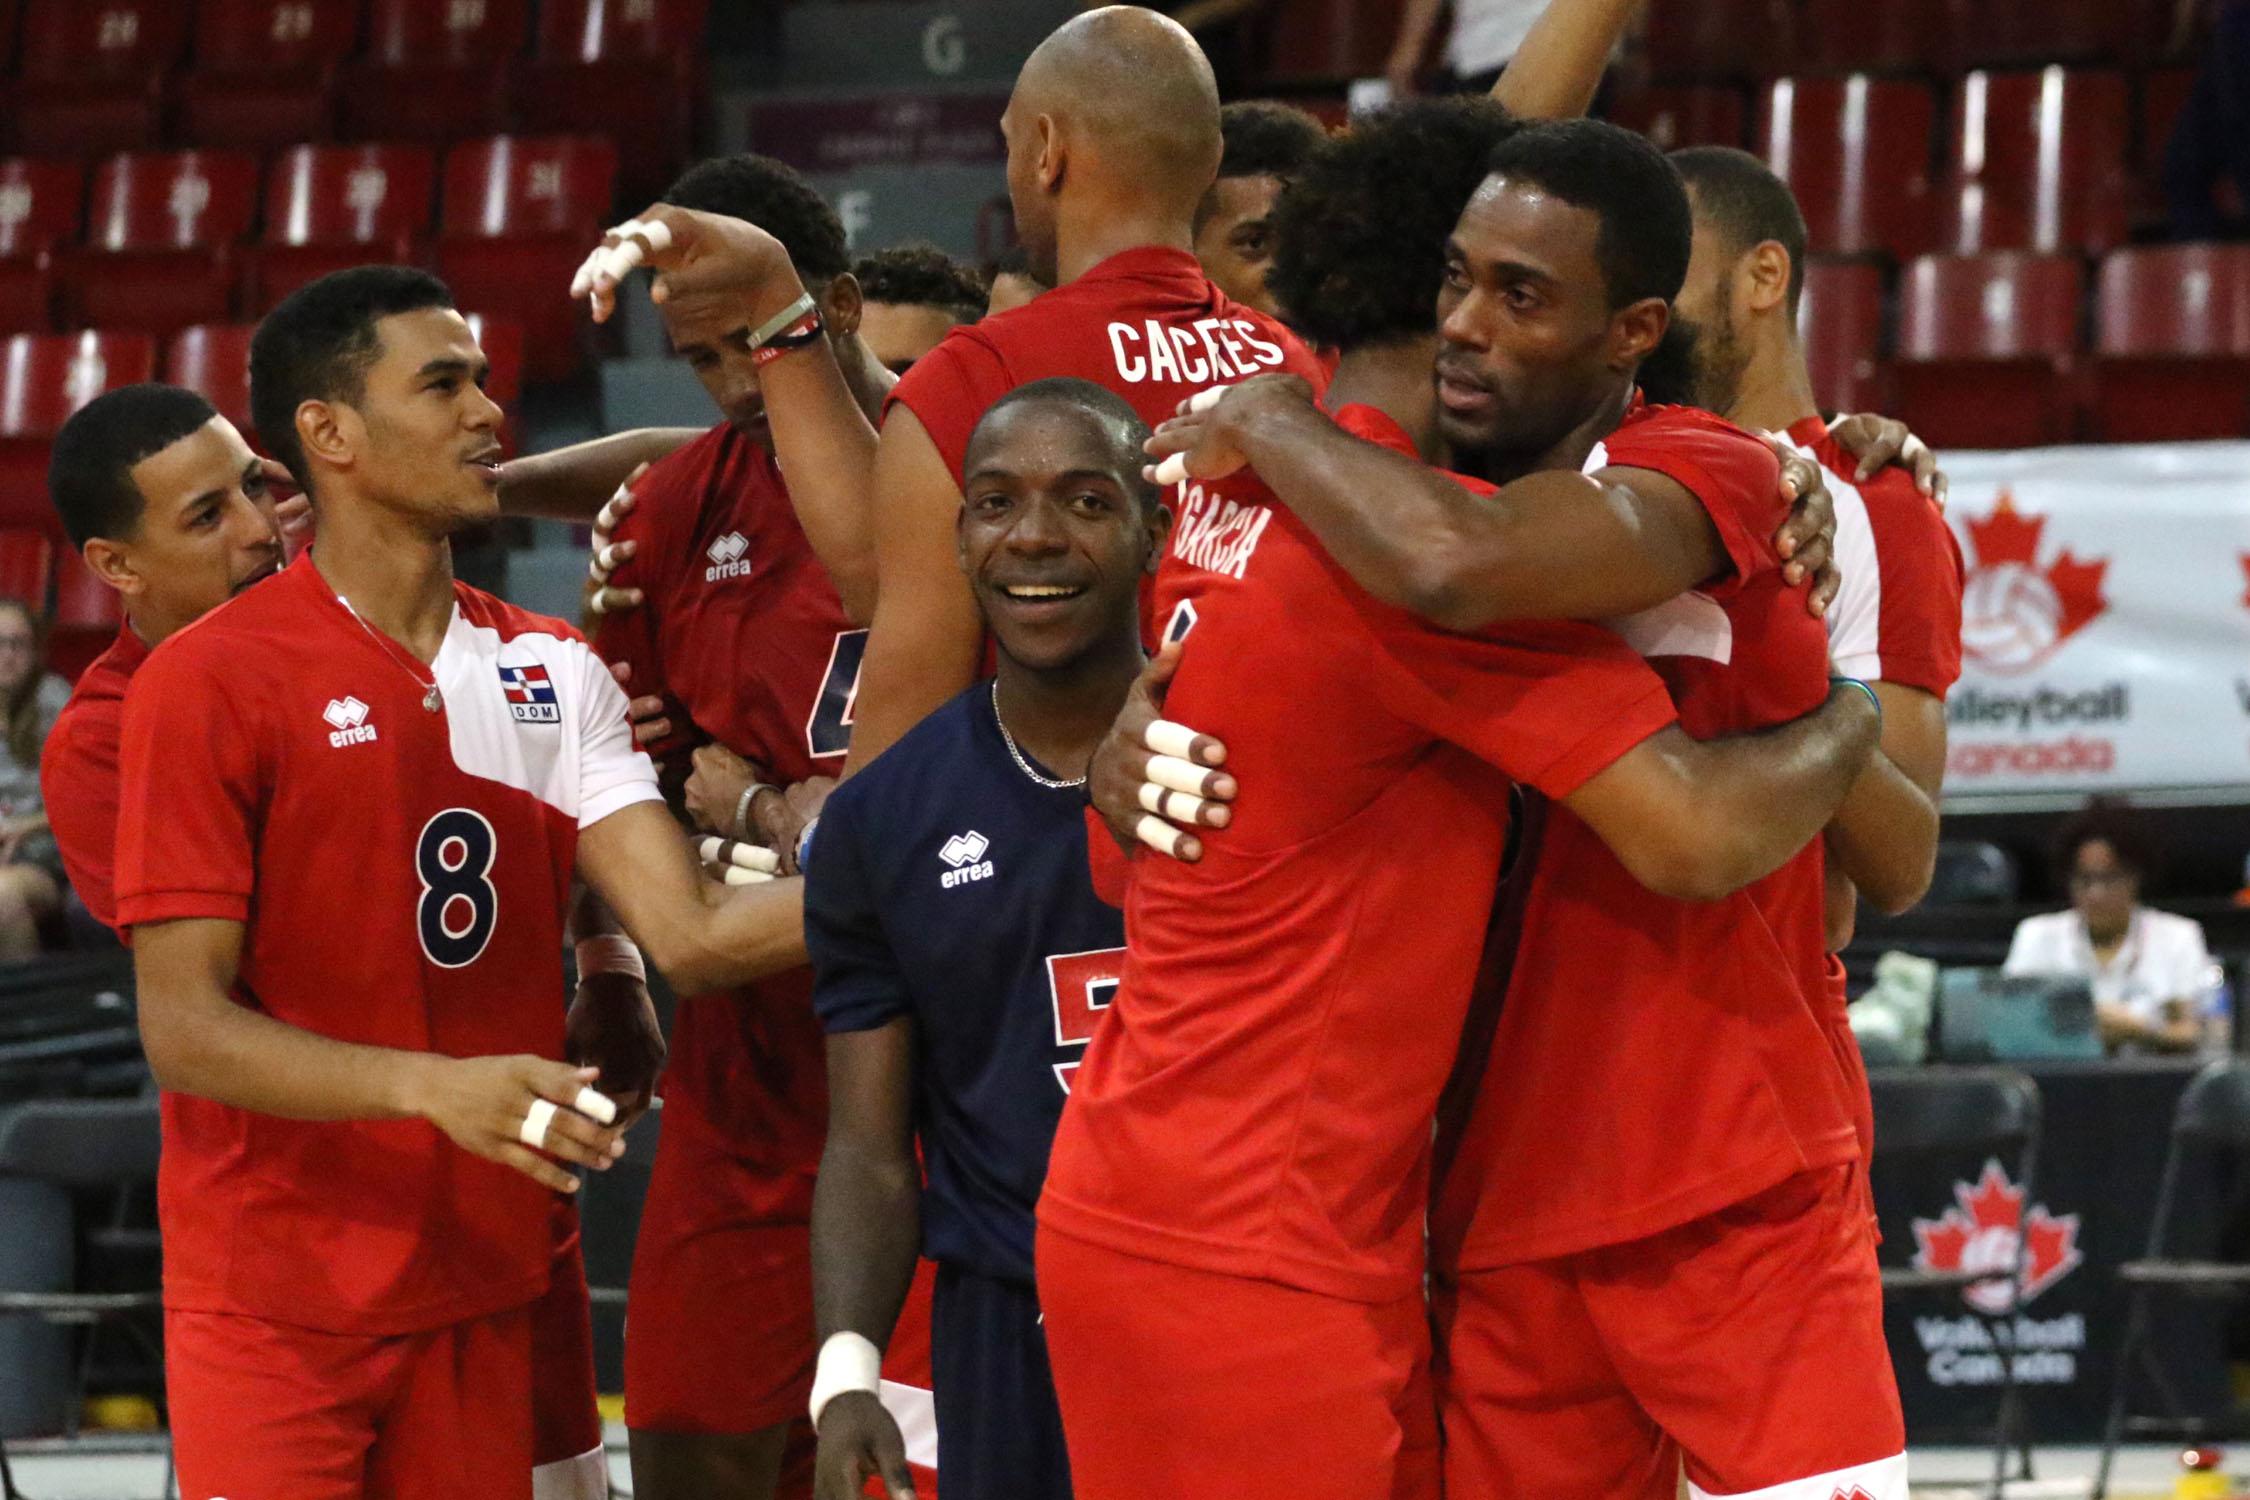 Dominicana da un contundente 3-0 a Estados Unidos